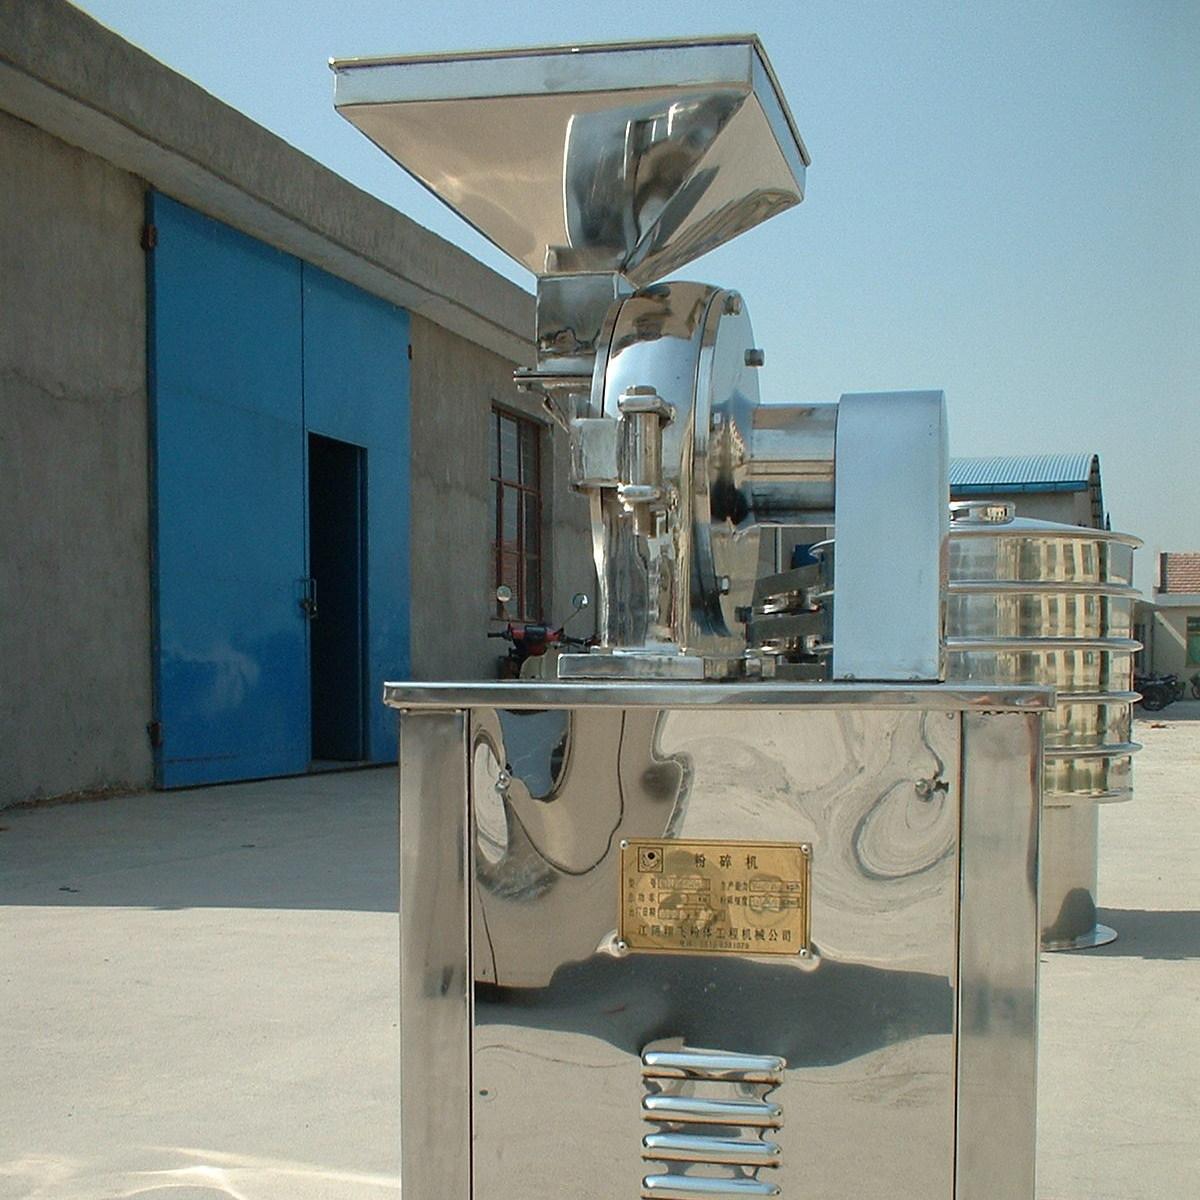 无锡杰琪祥直供WDJ-250涡轮粉碎机 高效粉碎白糖砂糖等